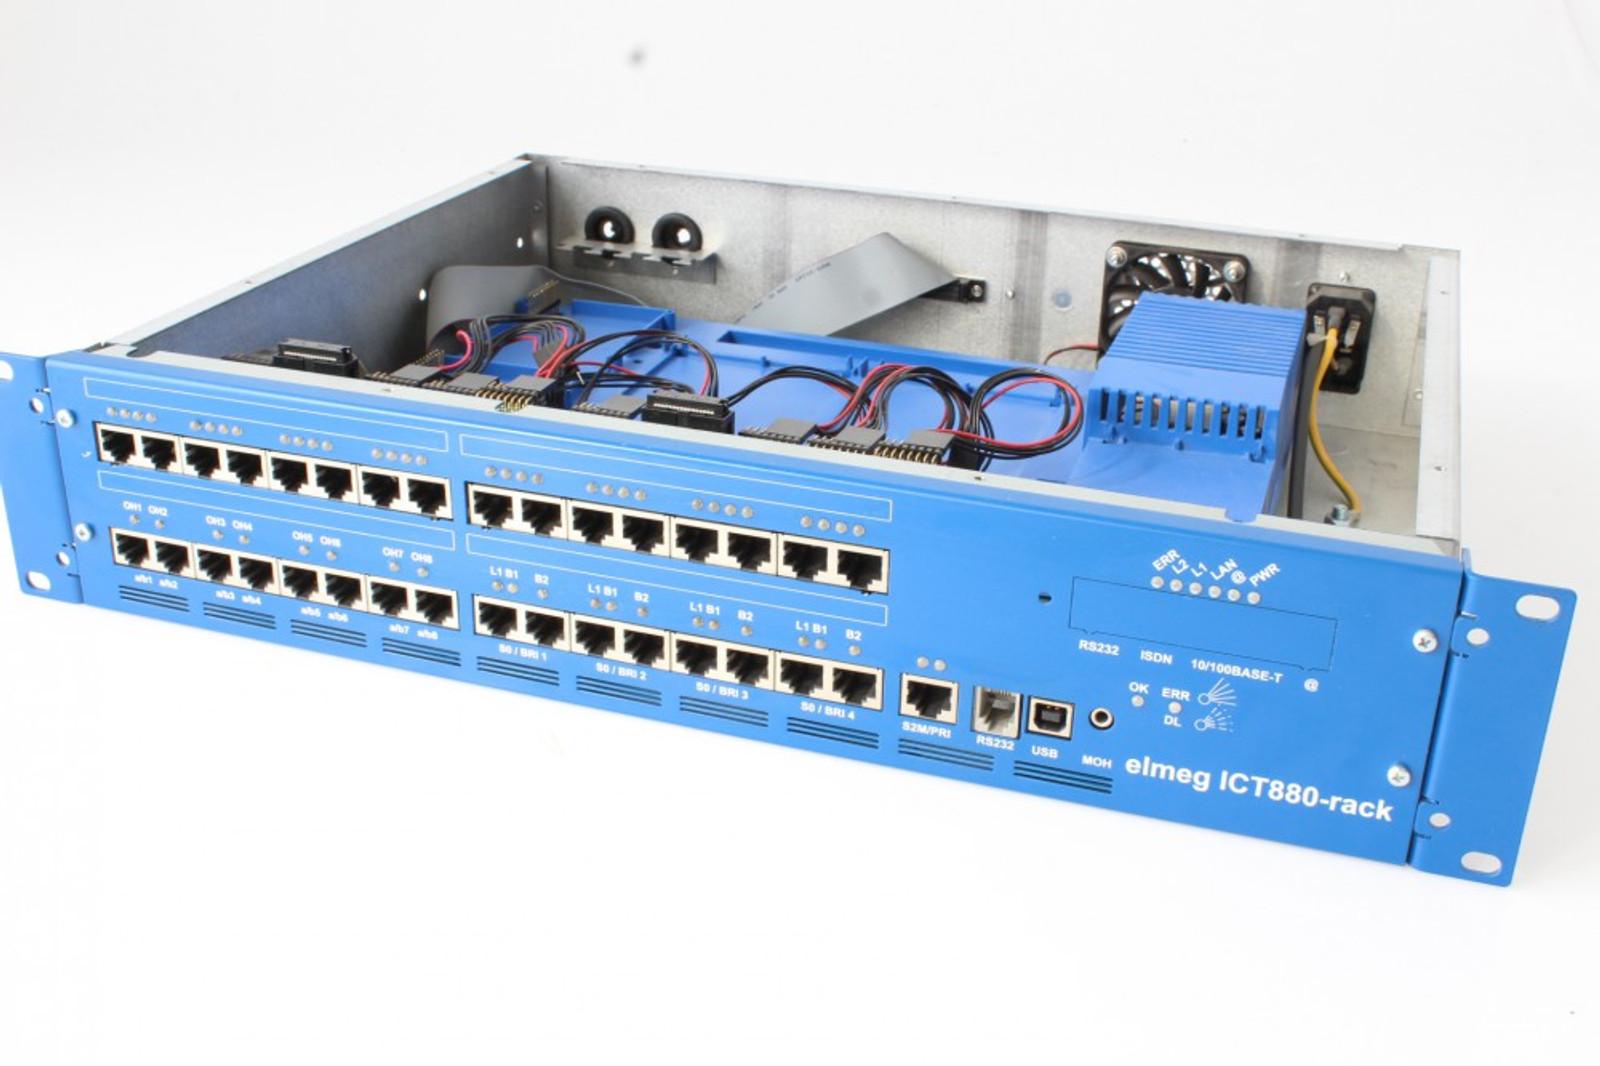 ELMEG ICT 880 DRIVER FOR WINDOWS